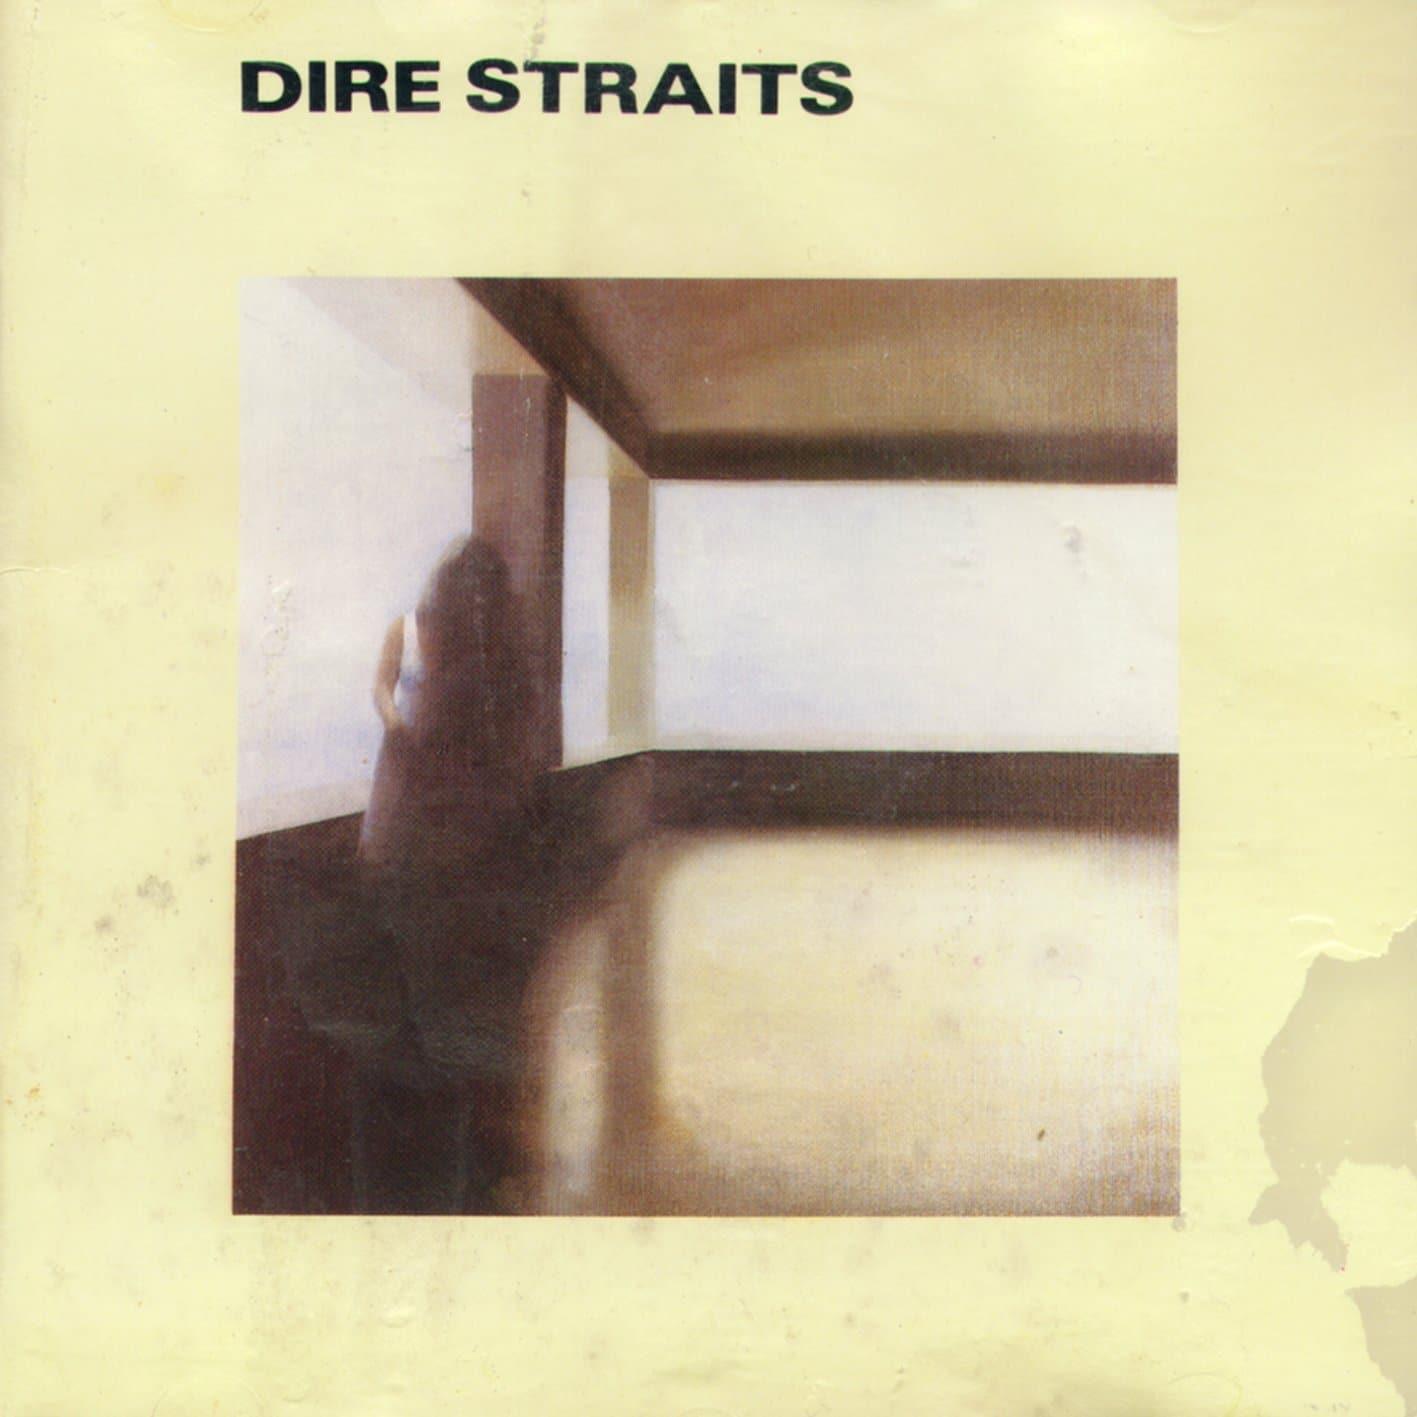 Dire Straits portada